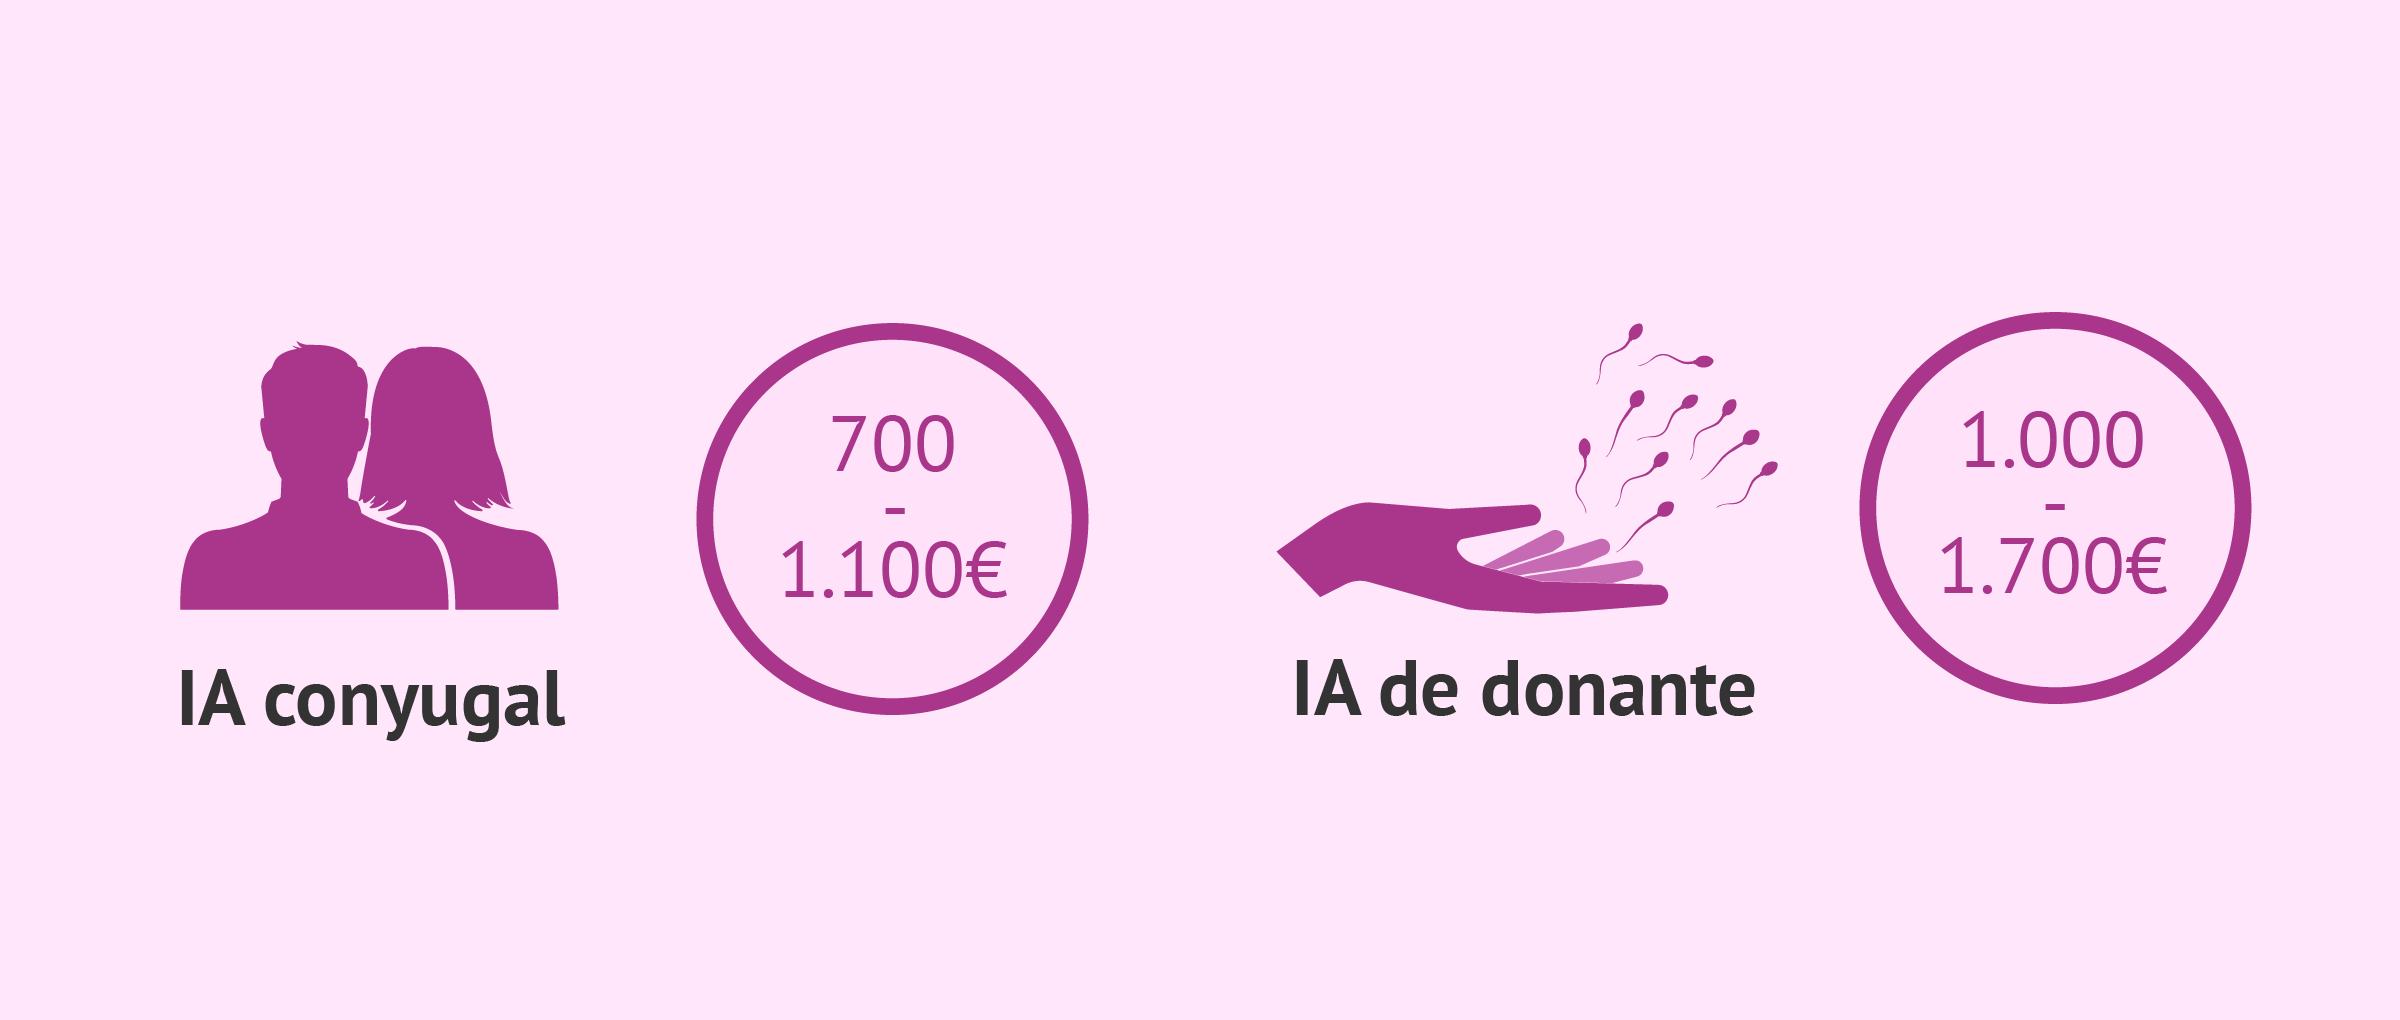 Coste de la inseminación artificial en España